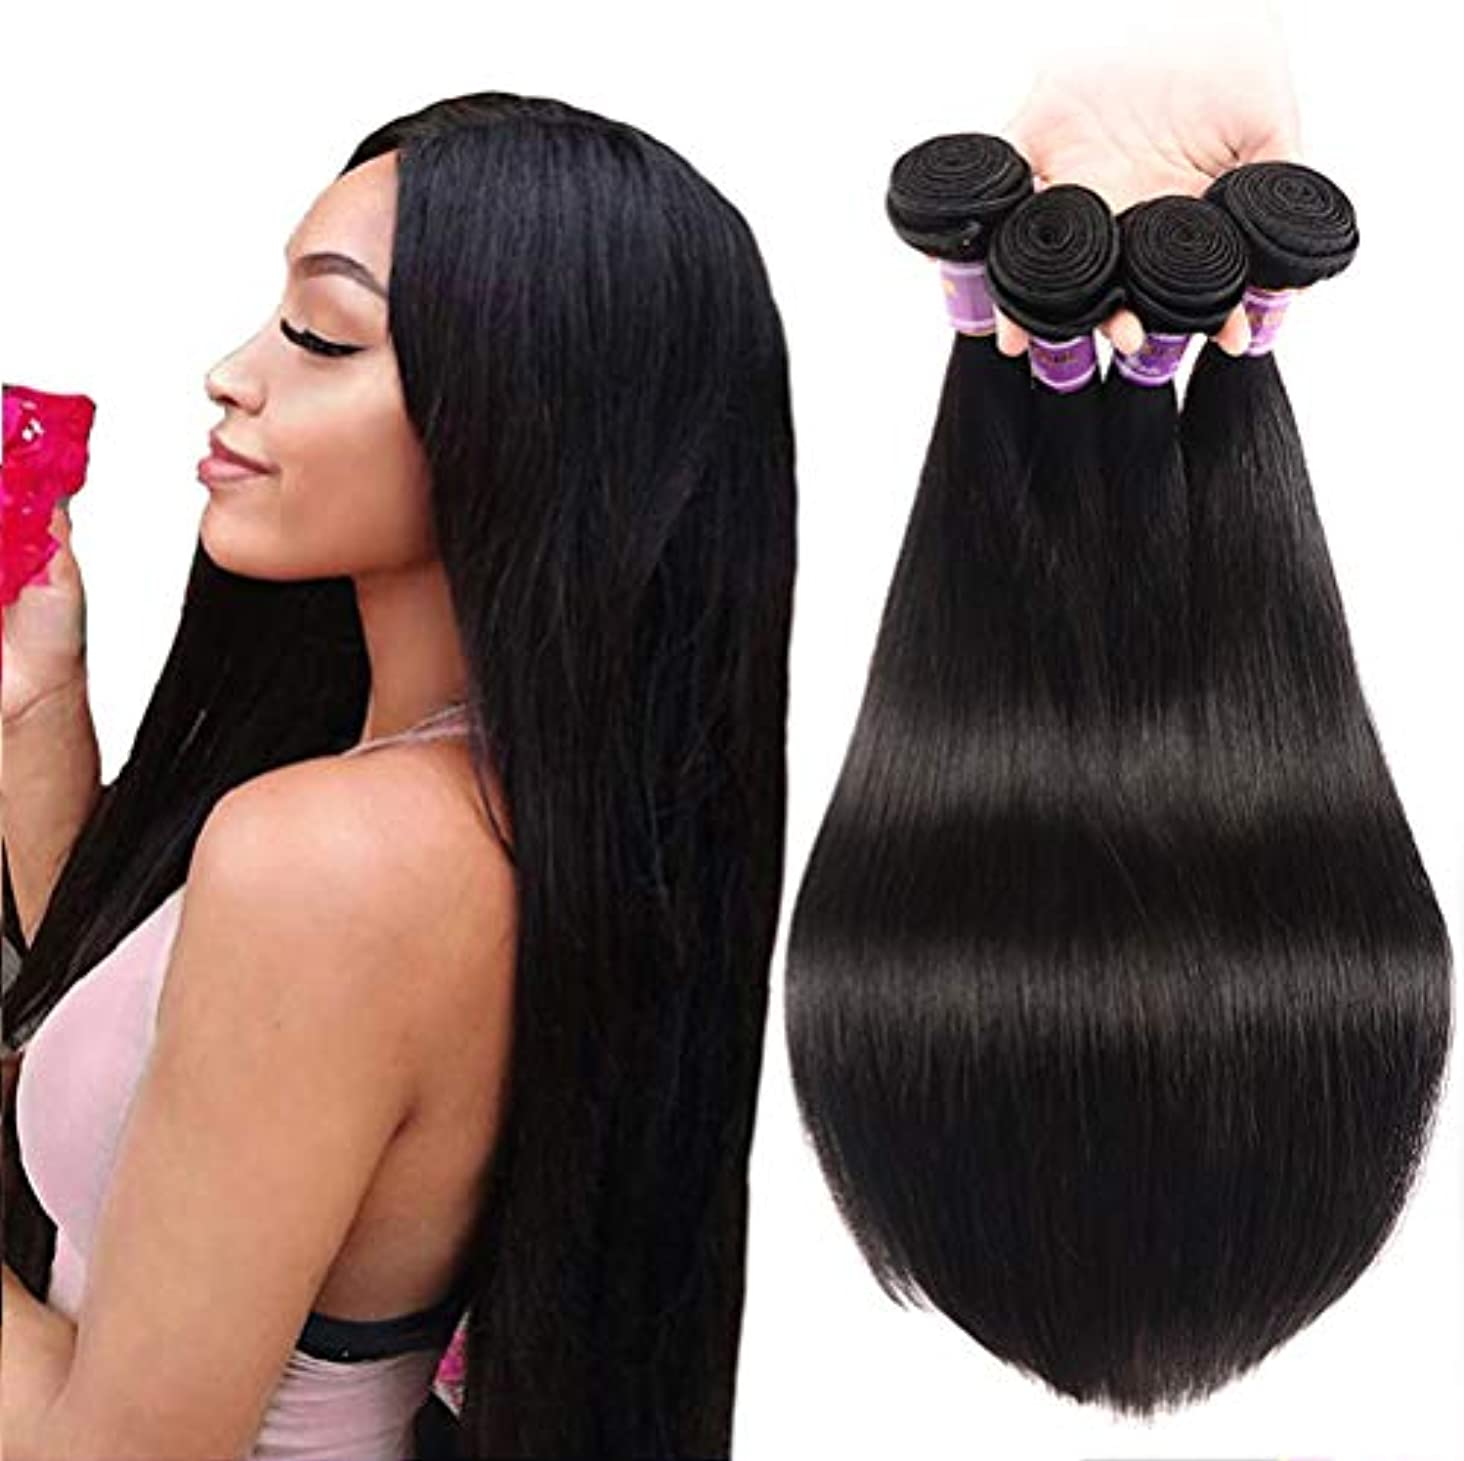 反映する直立優遇150%密度8aブラジルバージン人間の髪の毛1バンドルストレートウェーブ横糸100%本物の人間の髪の毛を編む女性の髪